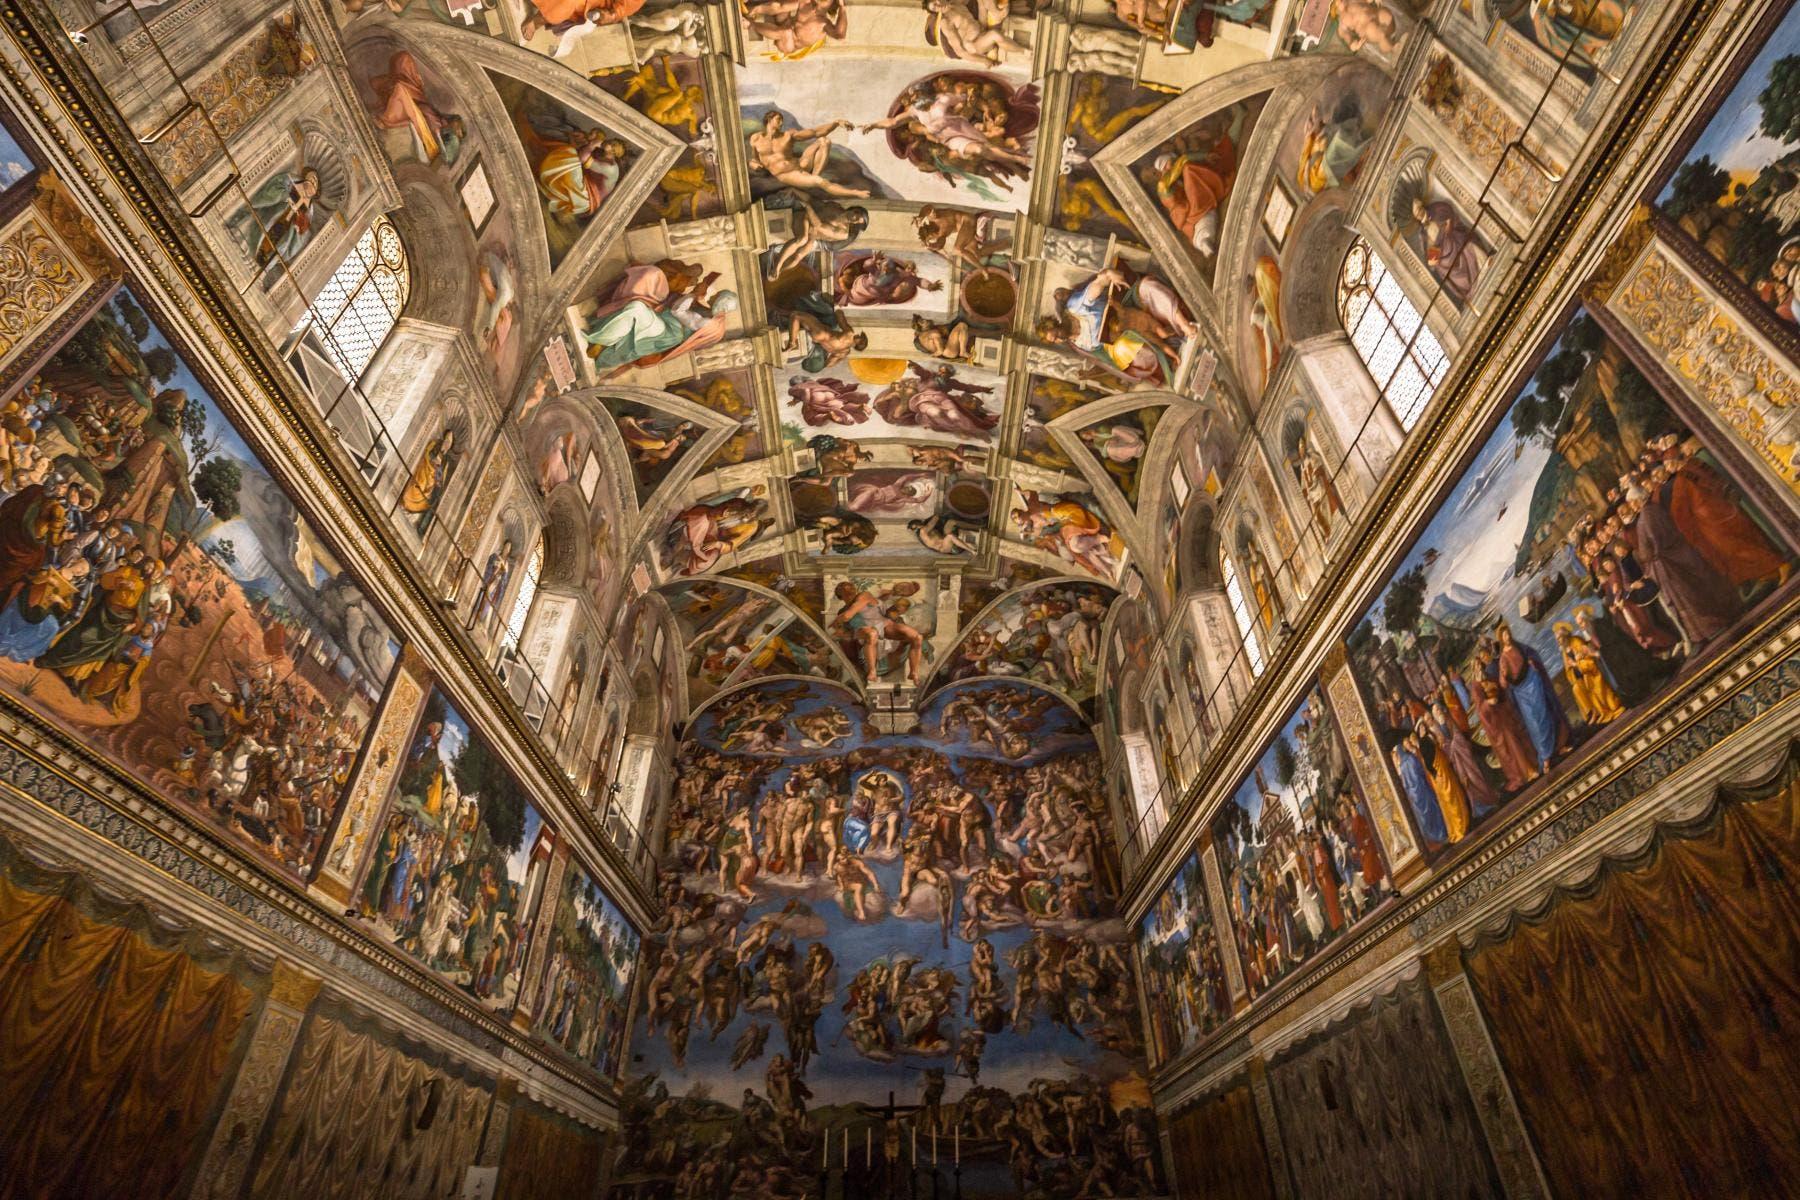 جانب من الرسومات الحائطية بكنيسة سيستينا